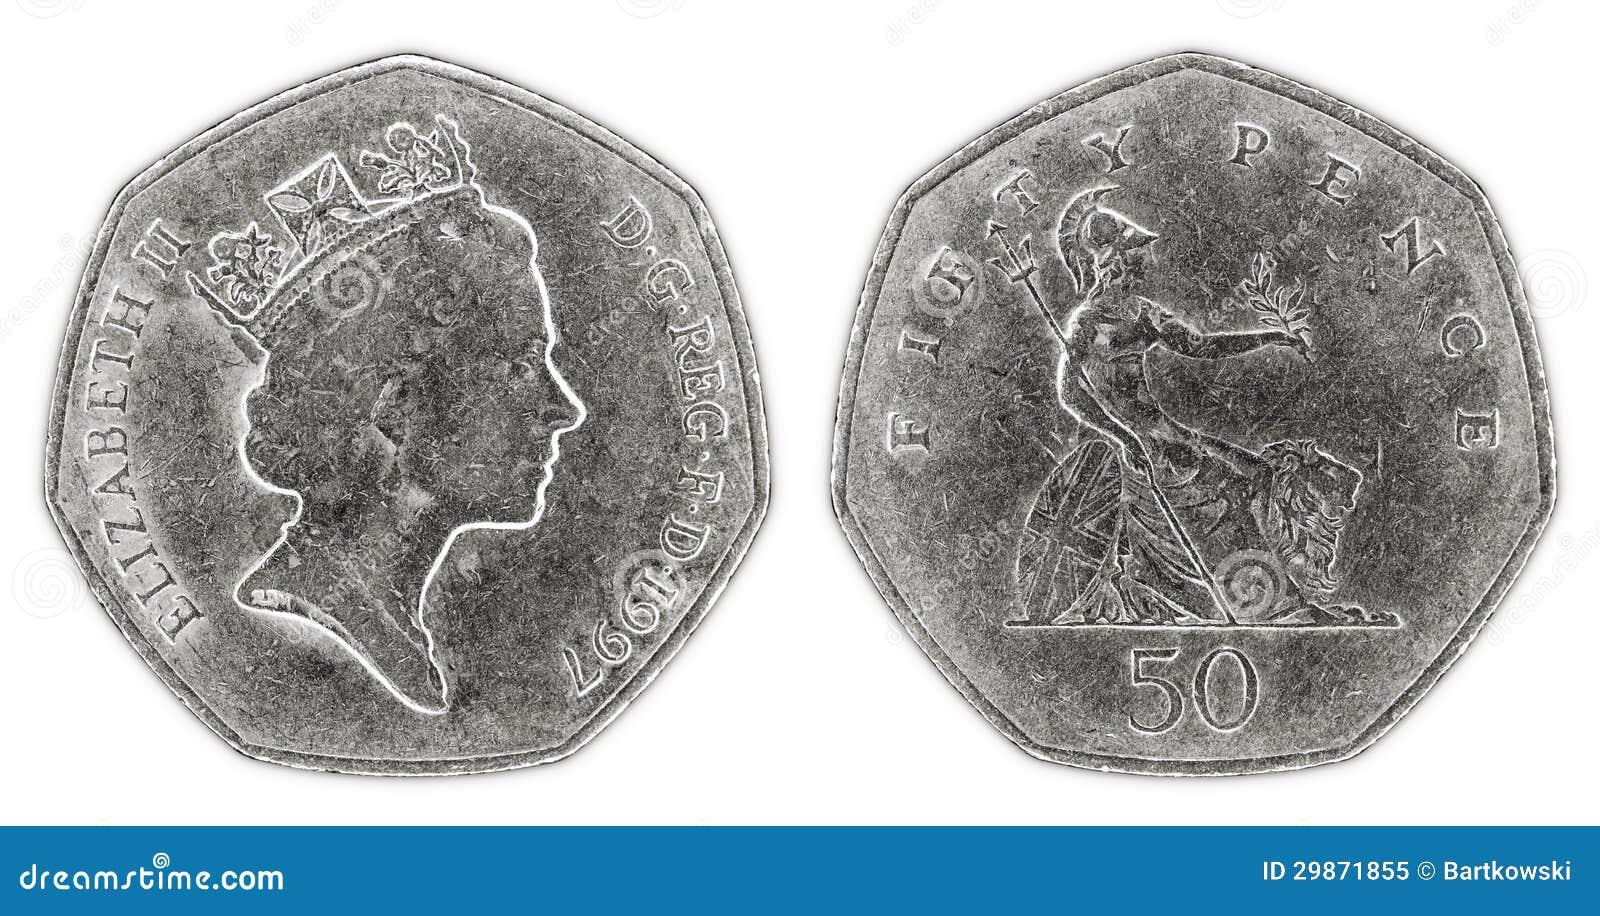 Prägen abgetragene fünfzig Pennys mit Königin Elizabeth II